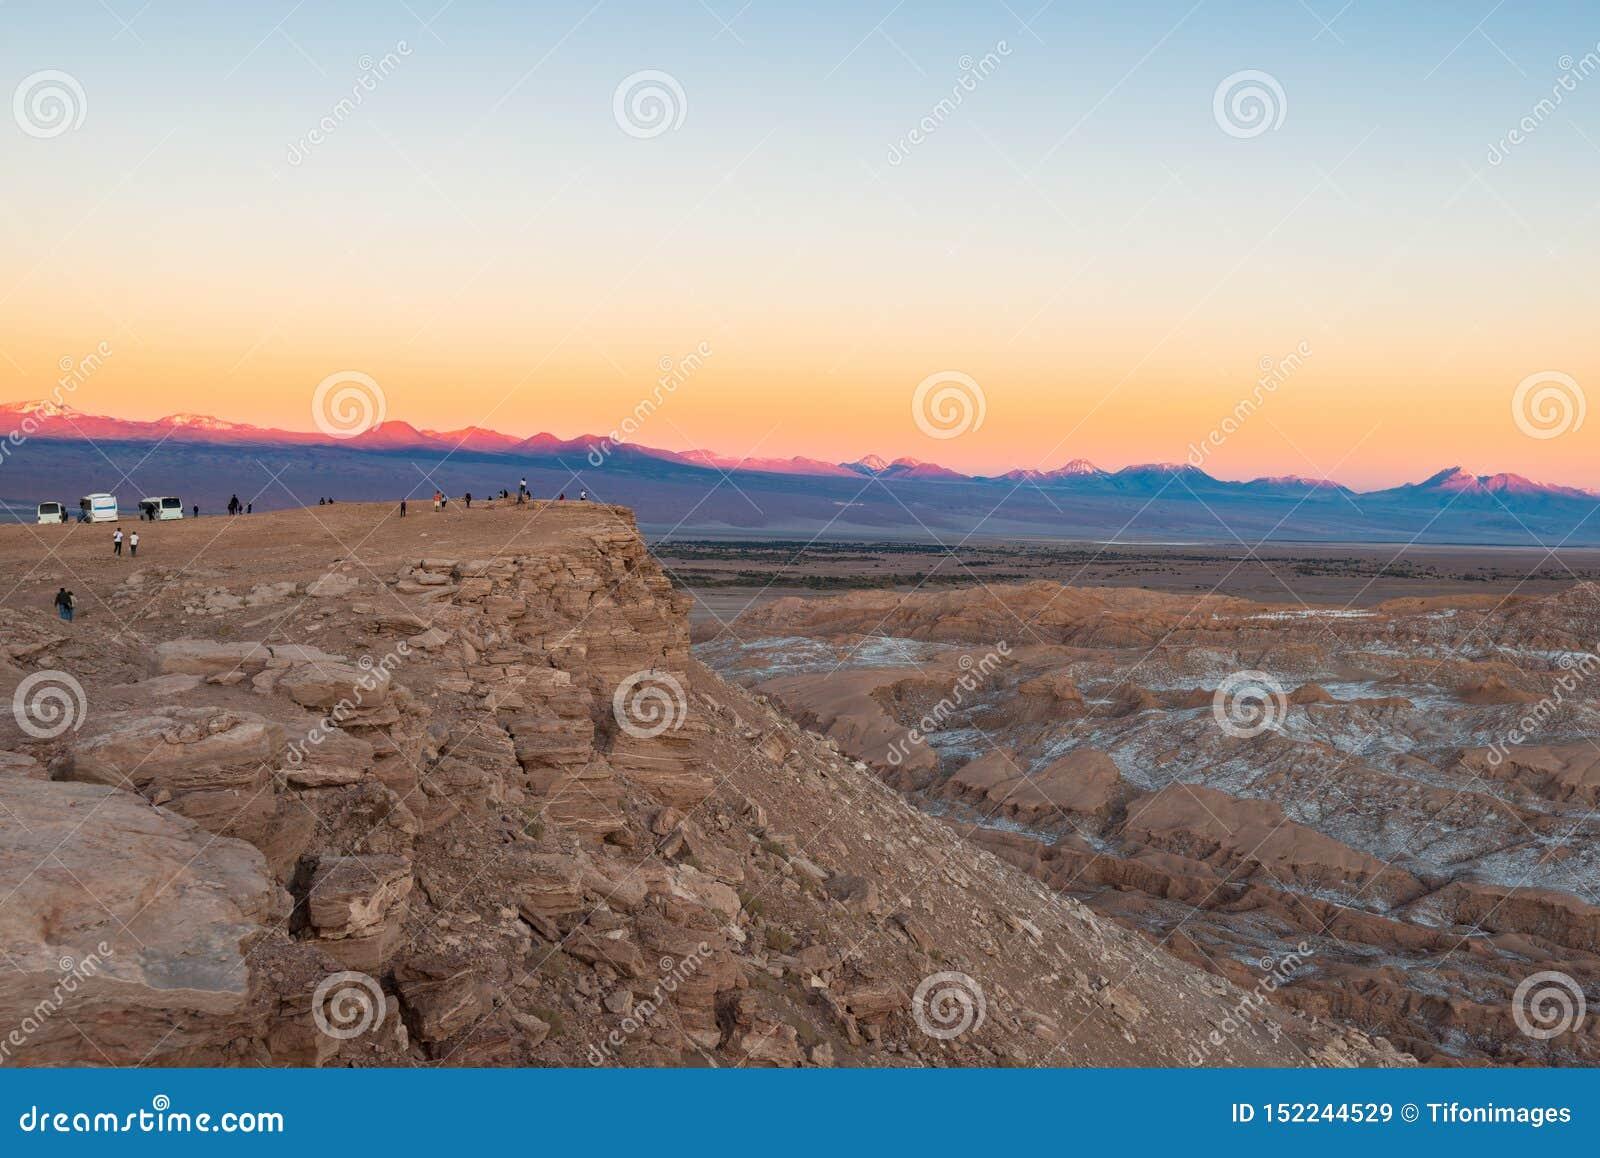 Moon Valley at the Salt Mountain Range, San Pedro de Atacama, Atacama Desert, Chile